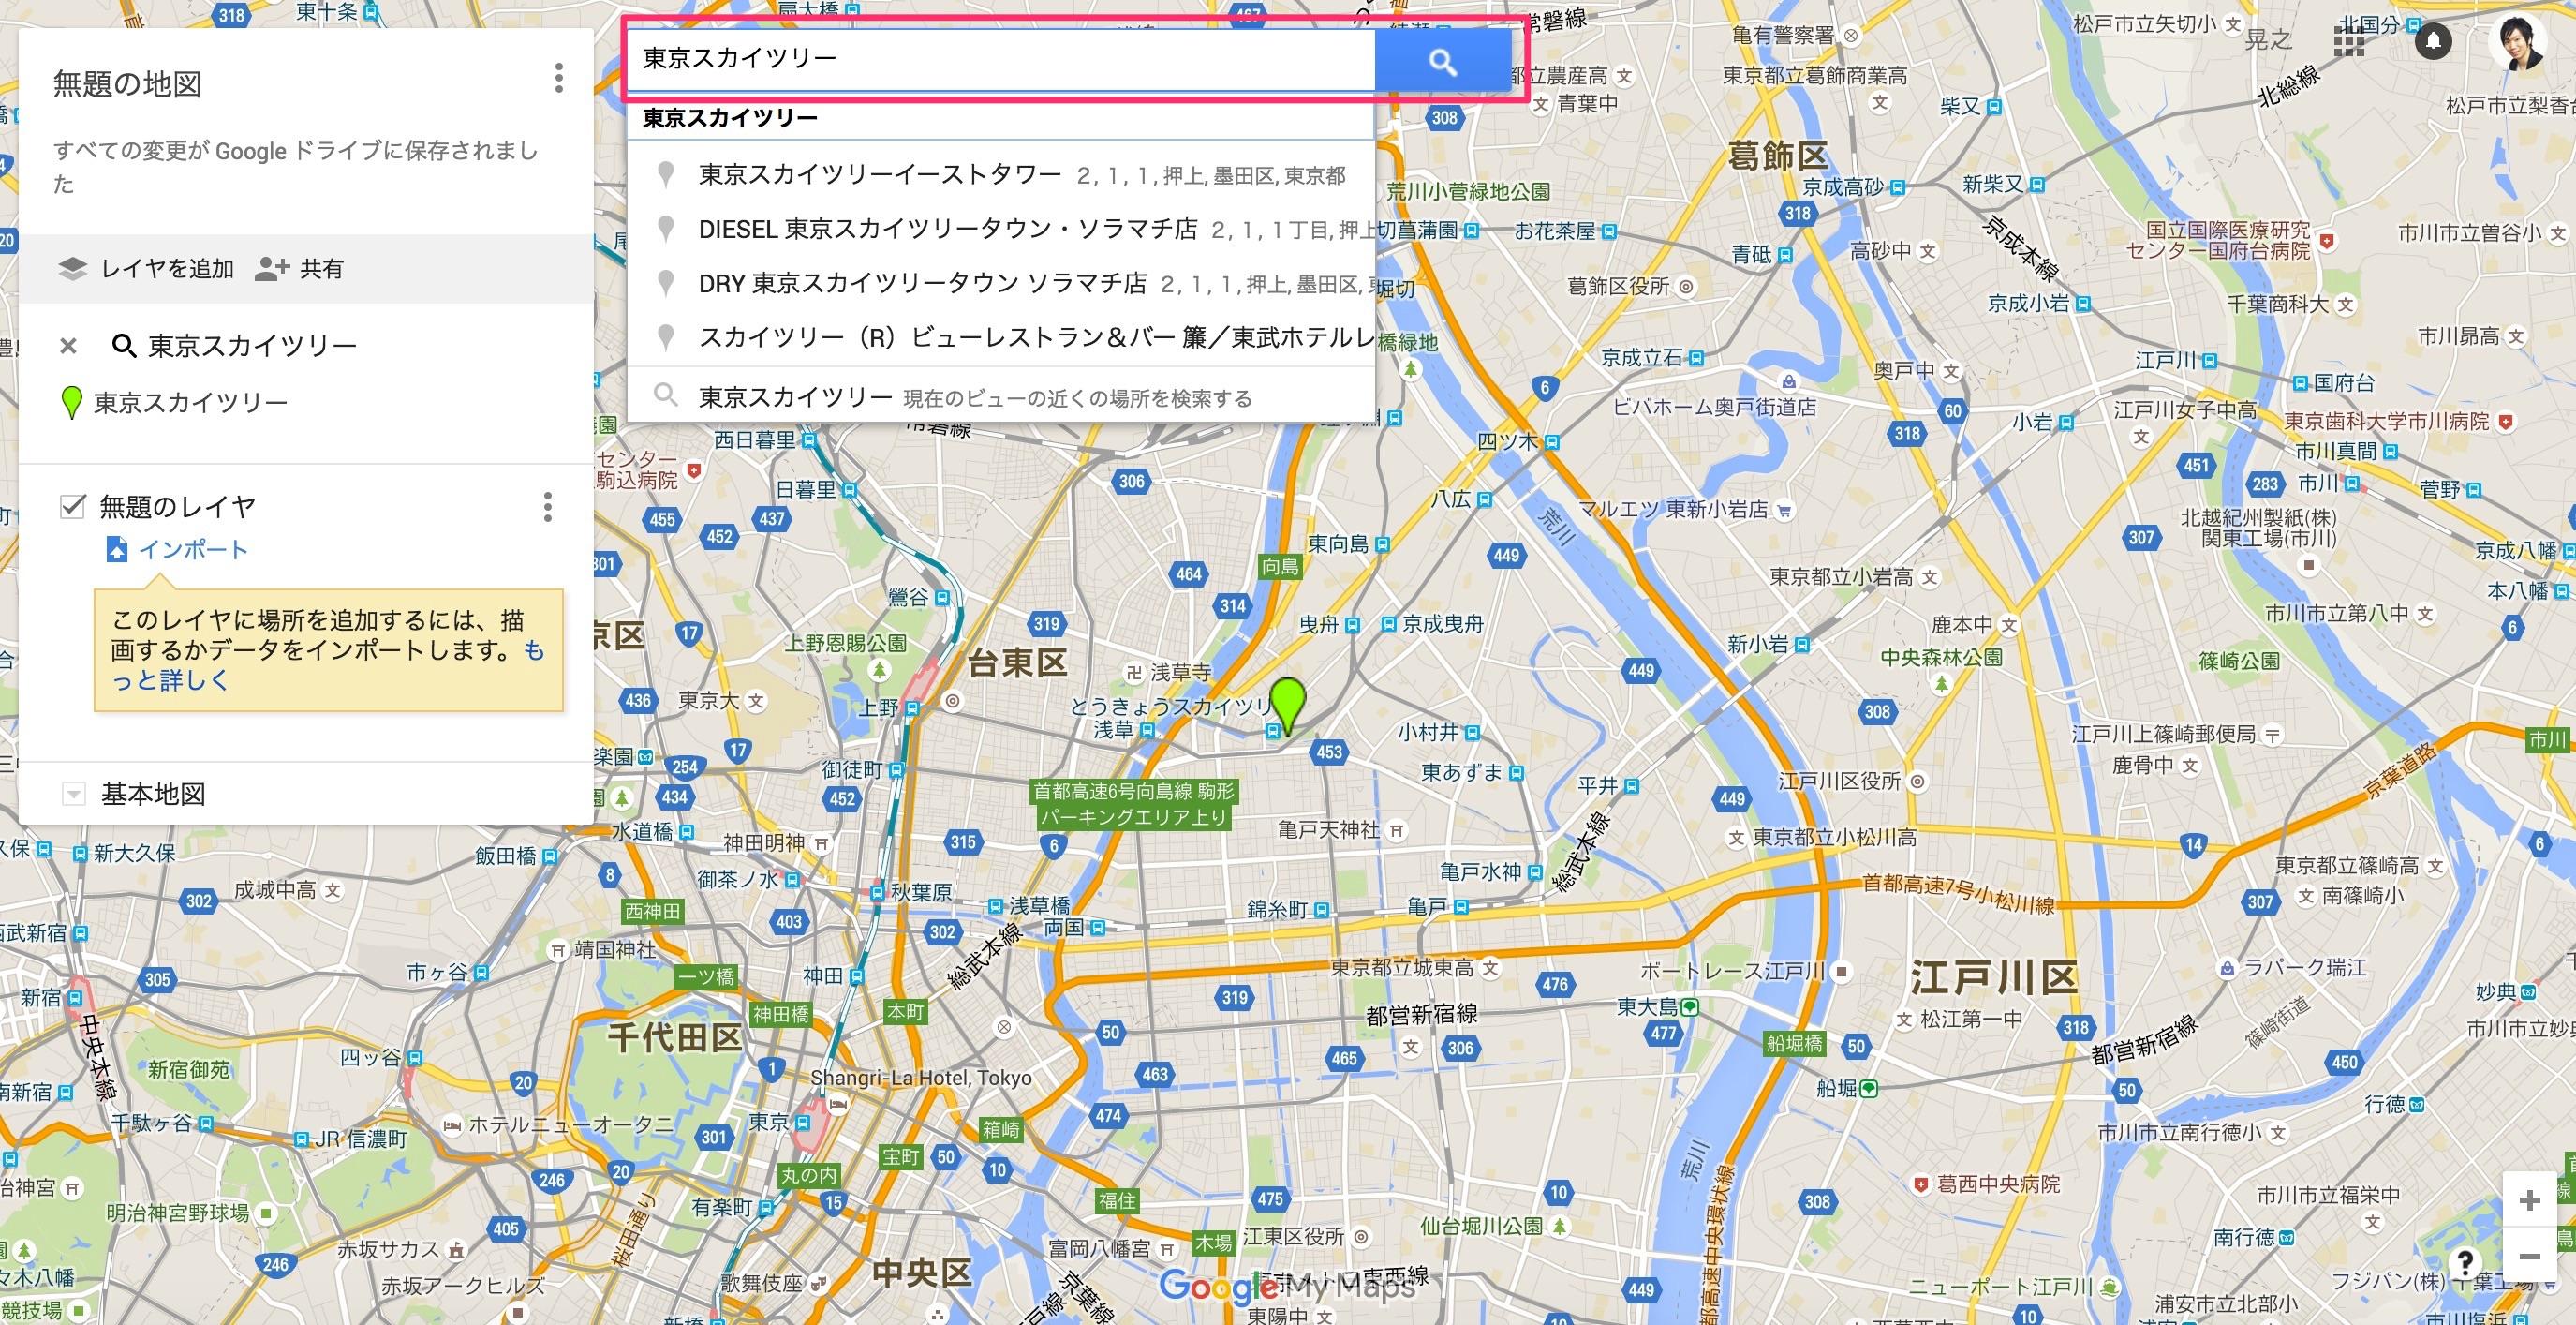 googlemapのマイプレイスの使い方7